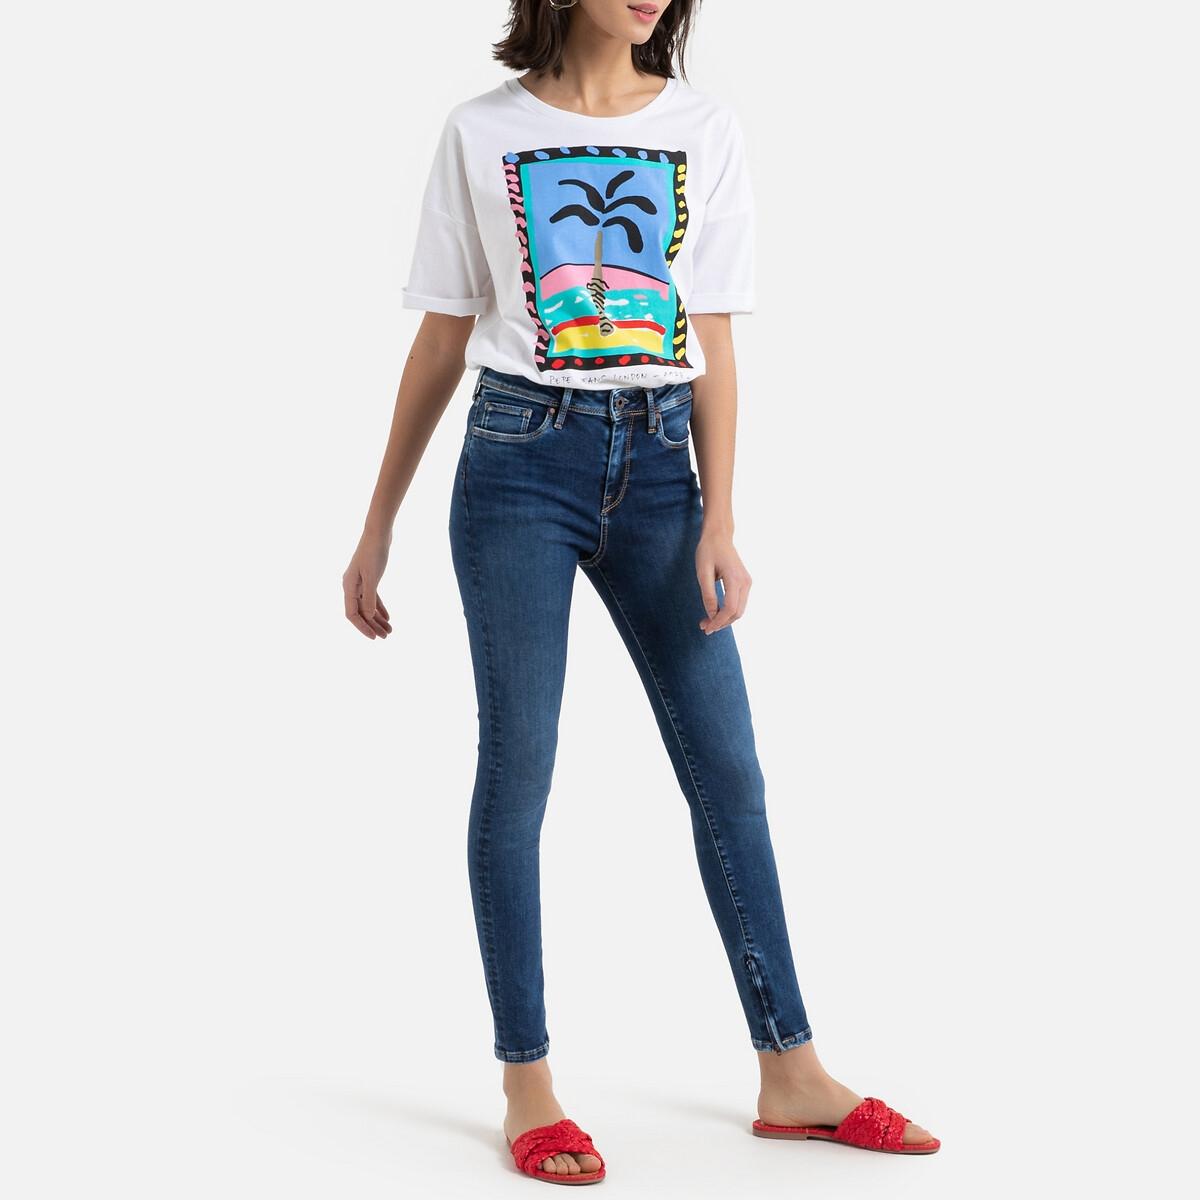 Картинки одежды джинсы с футболкой